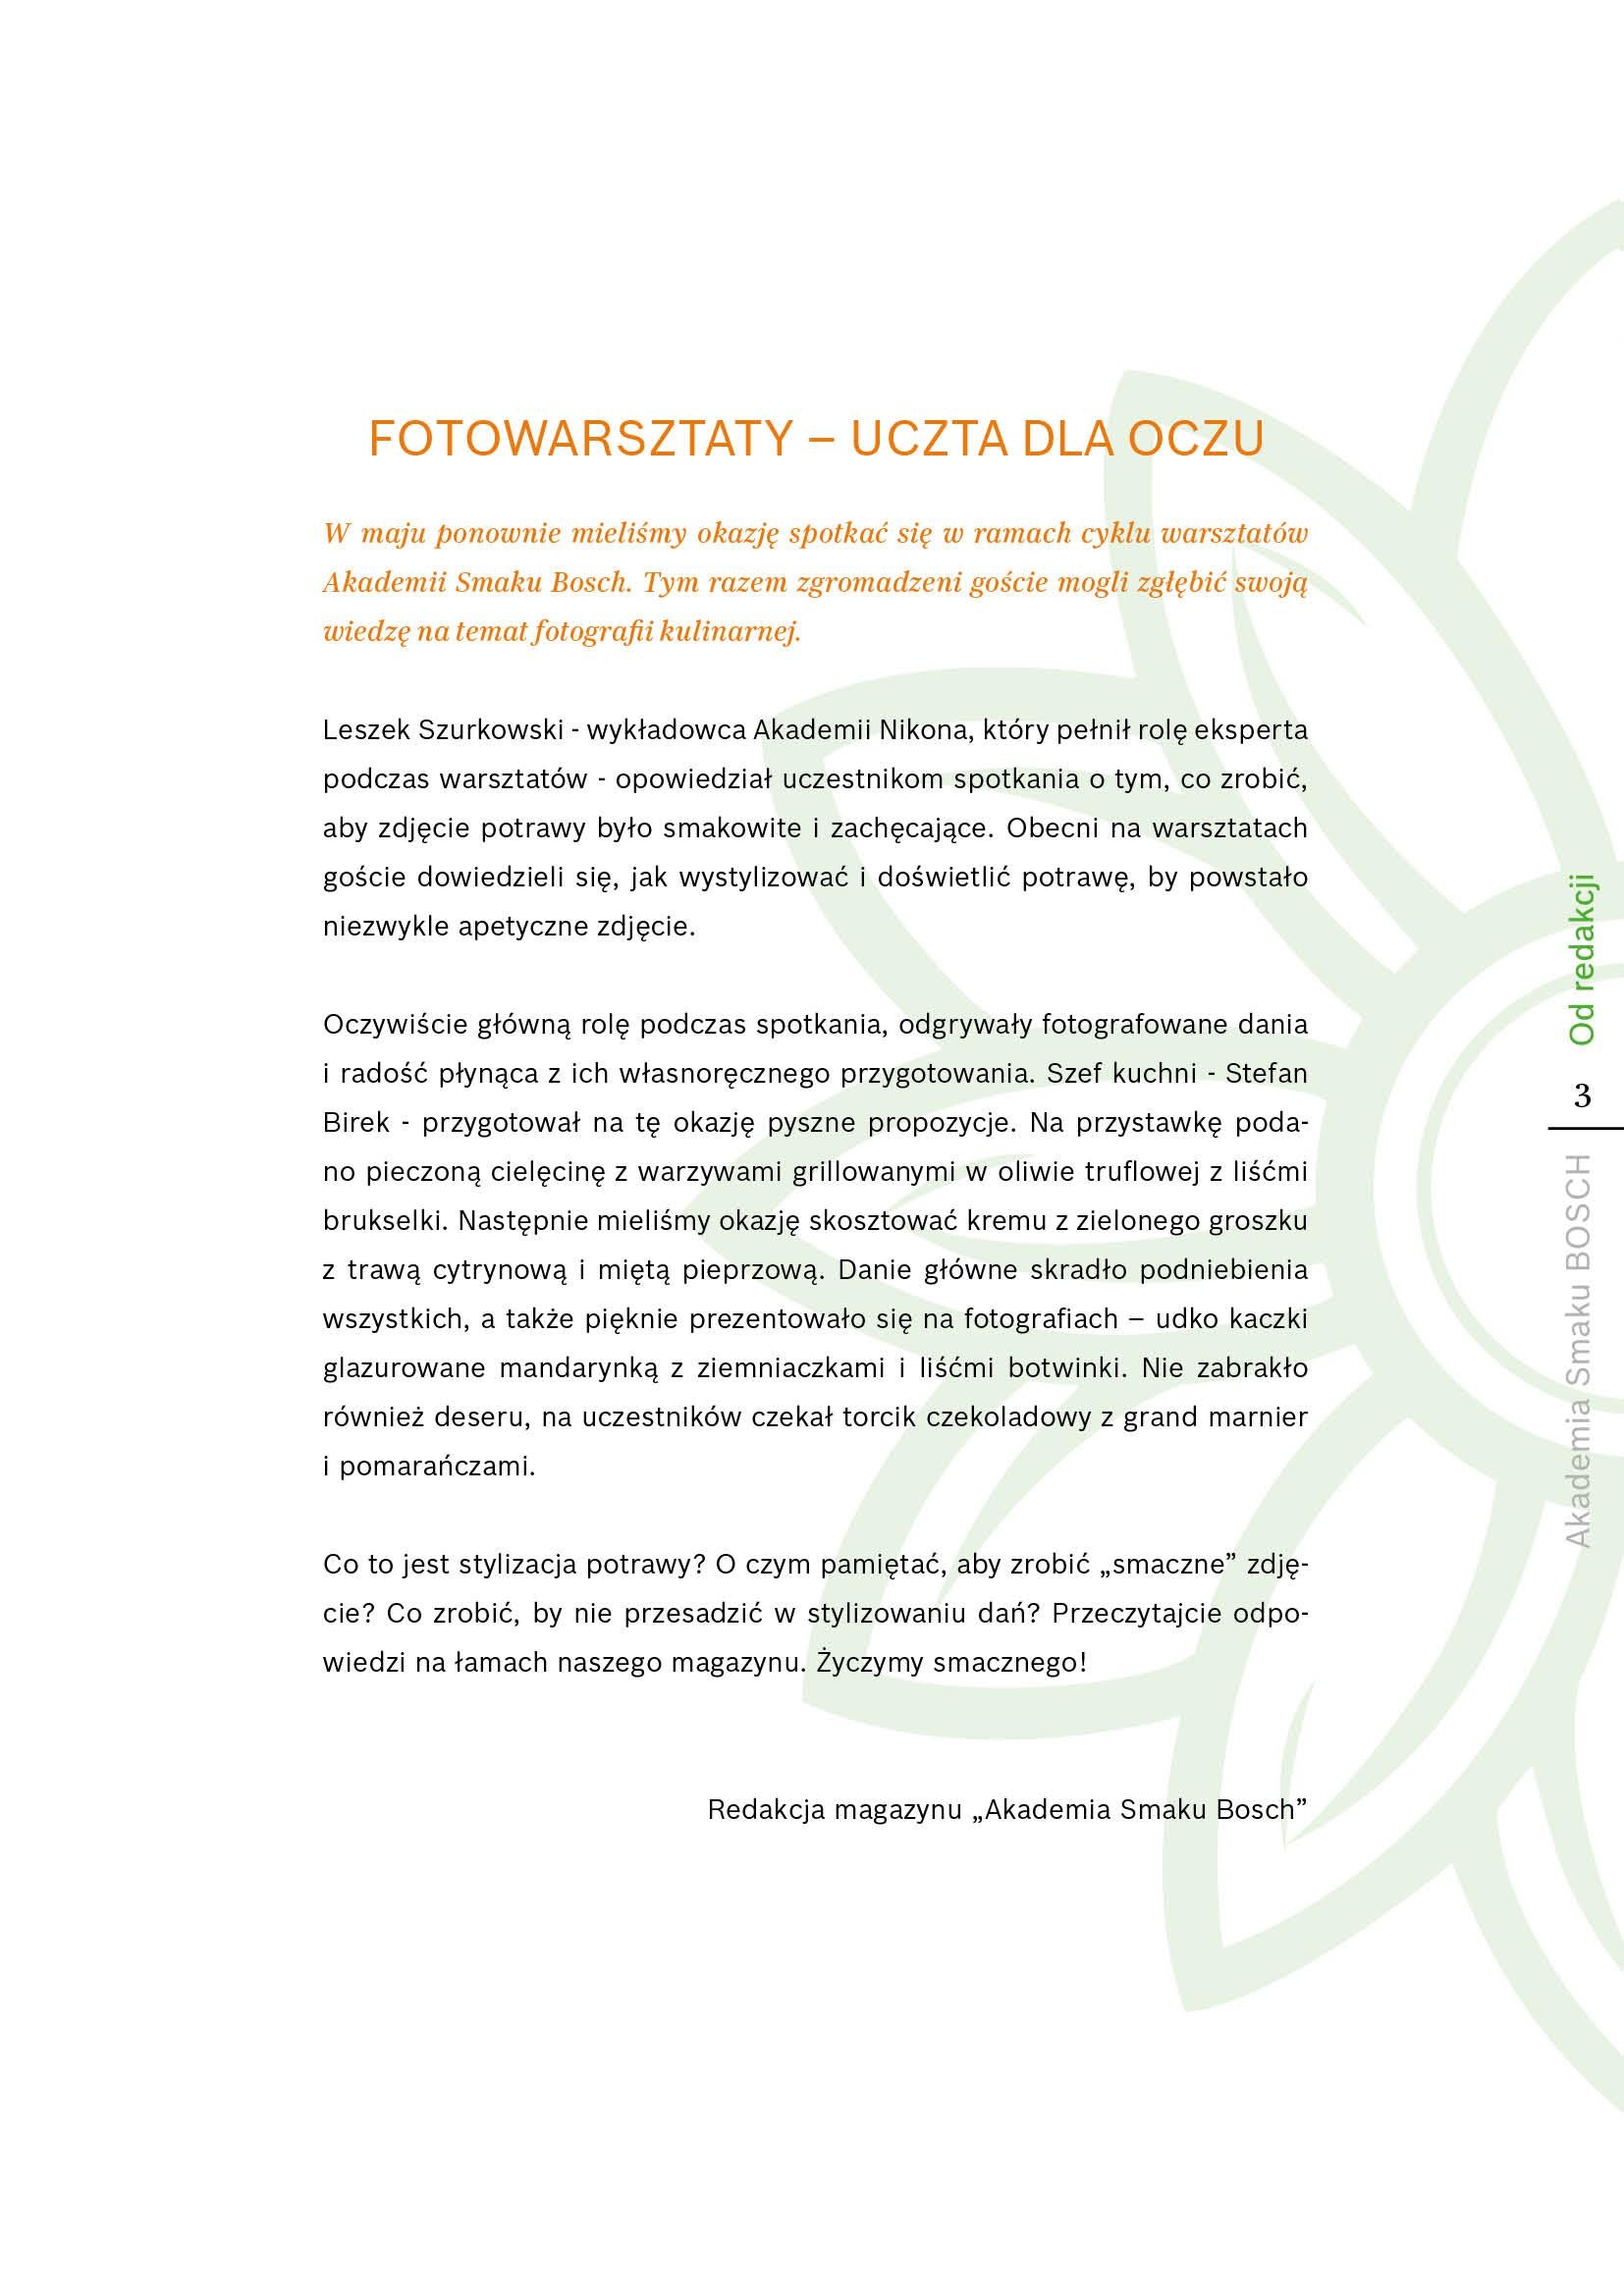 Fotowarsztaty: uczta dla oczu - Strona 3